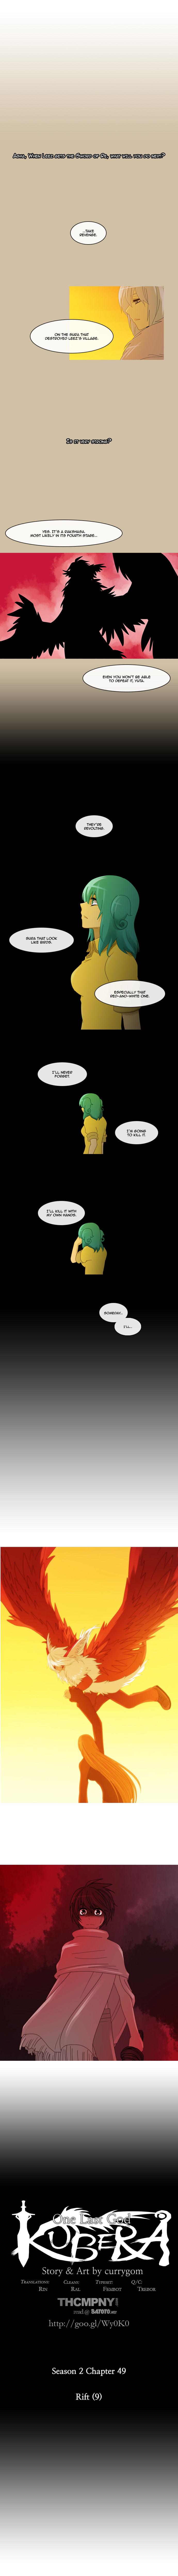 Kubera 151 Page 1